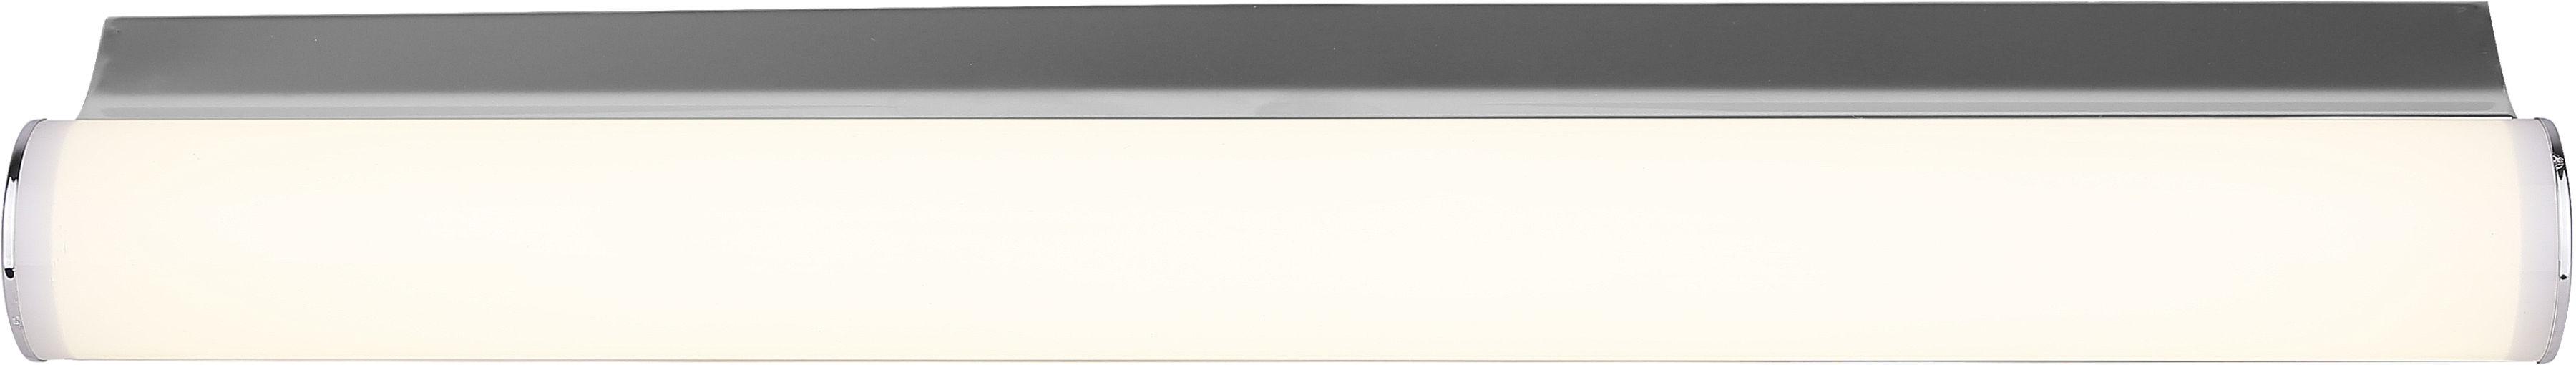 Candellux DAPHNE 21-69771 kinkiet lampa ścienna chrom biały 7W LED 4000K 42cm